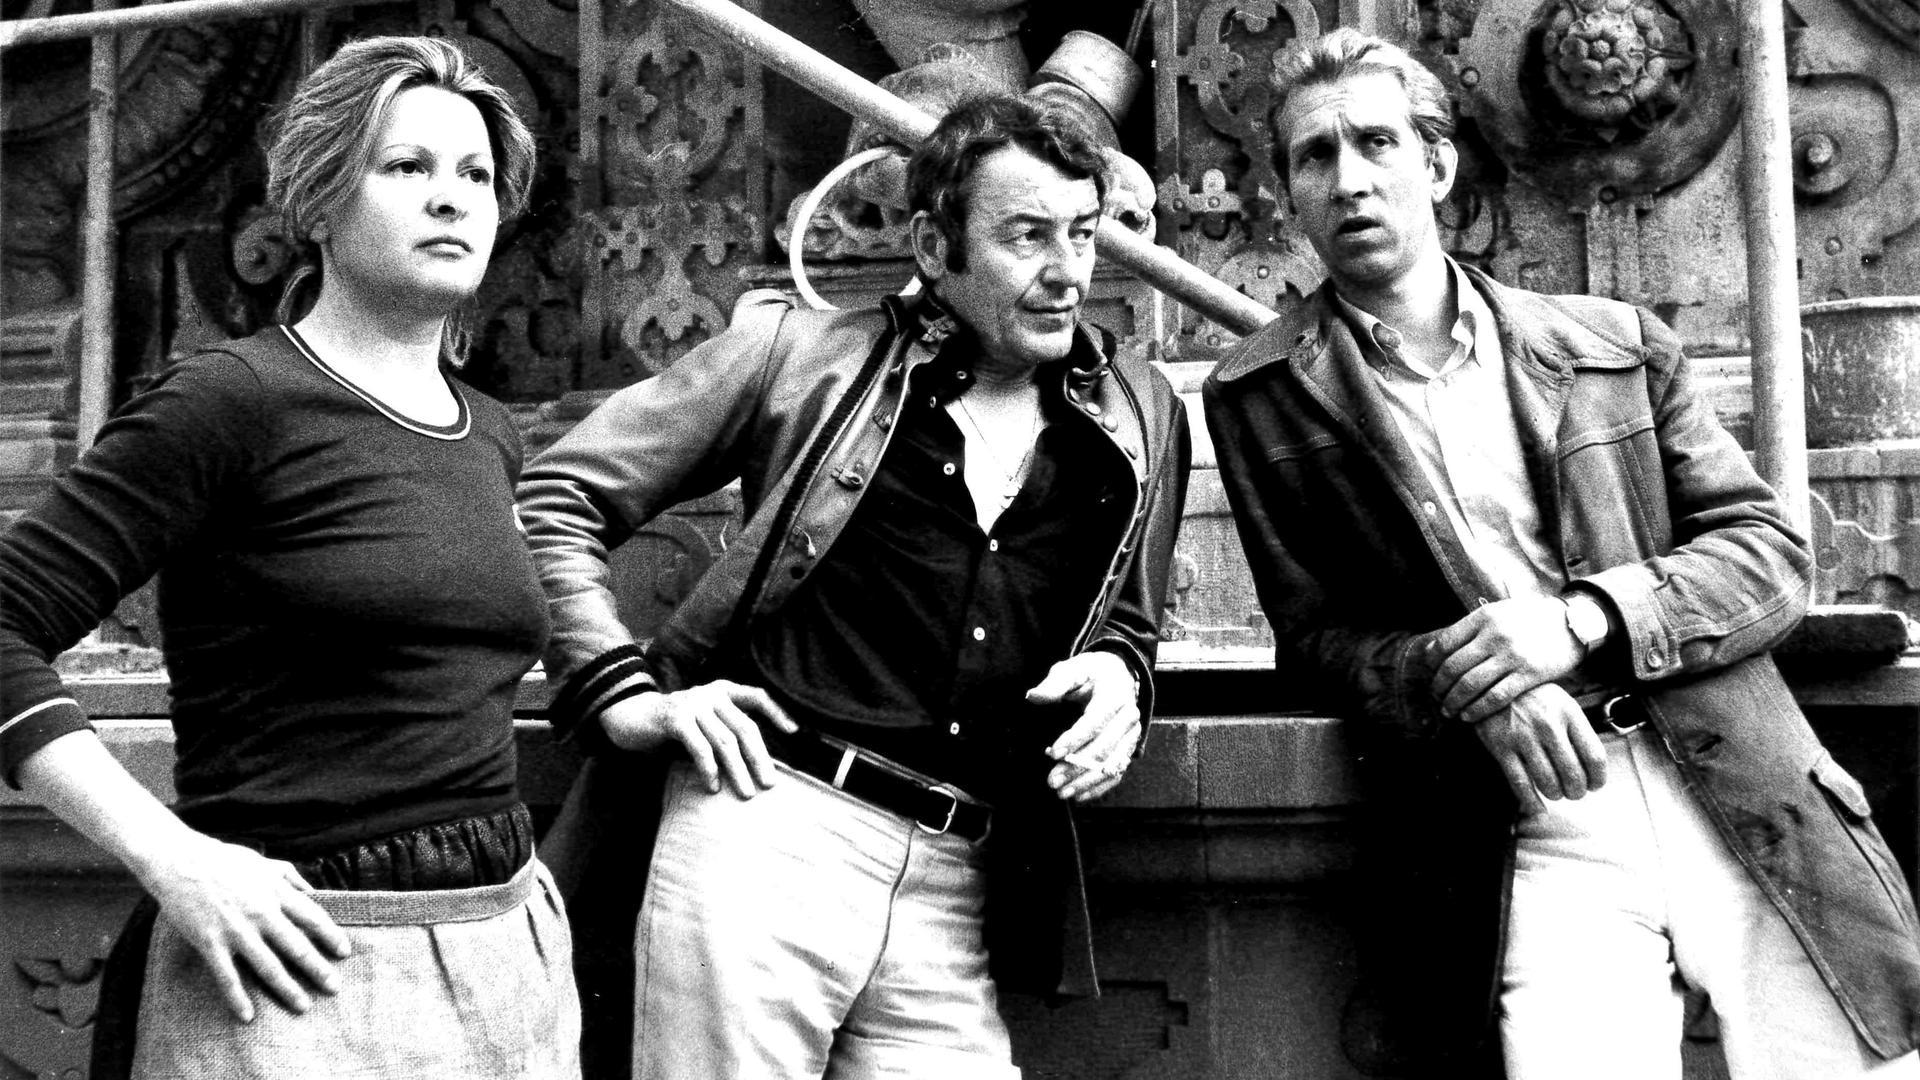 Schauspieler (v.l.) Johanna Matz, Günther Ungeheuer und Rüdiger Wolfgang während der Proben